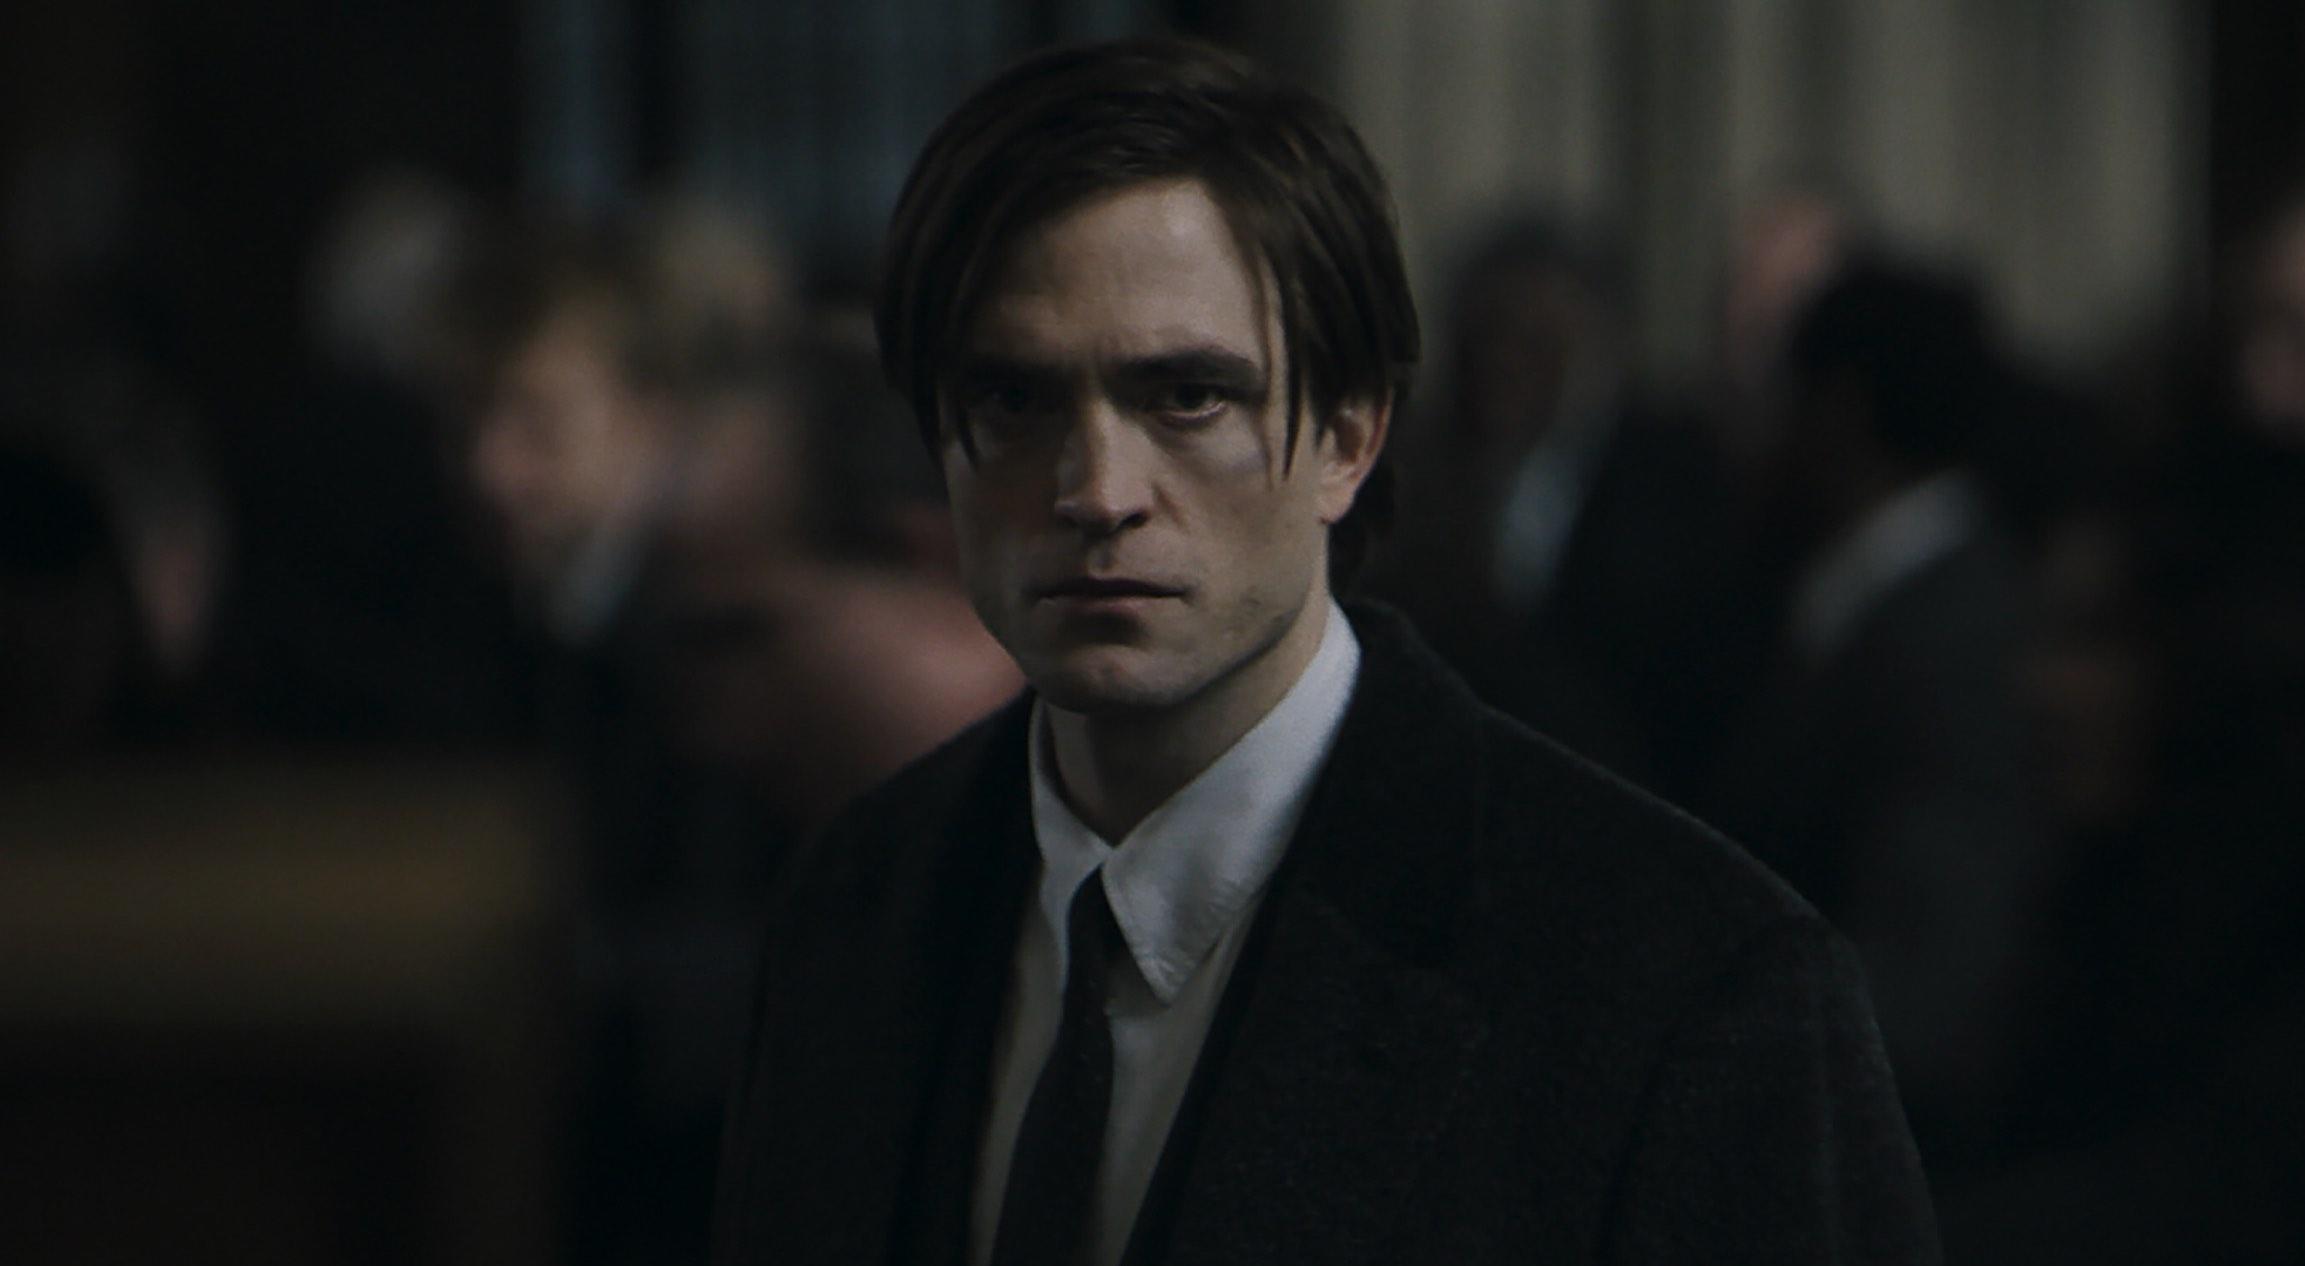 Revelan cuántos millones de dólares recibió Robert Pattinson por 'The Batman'